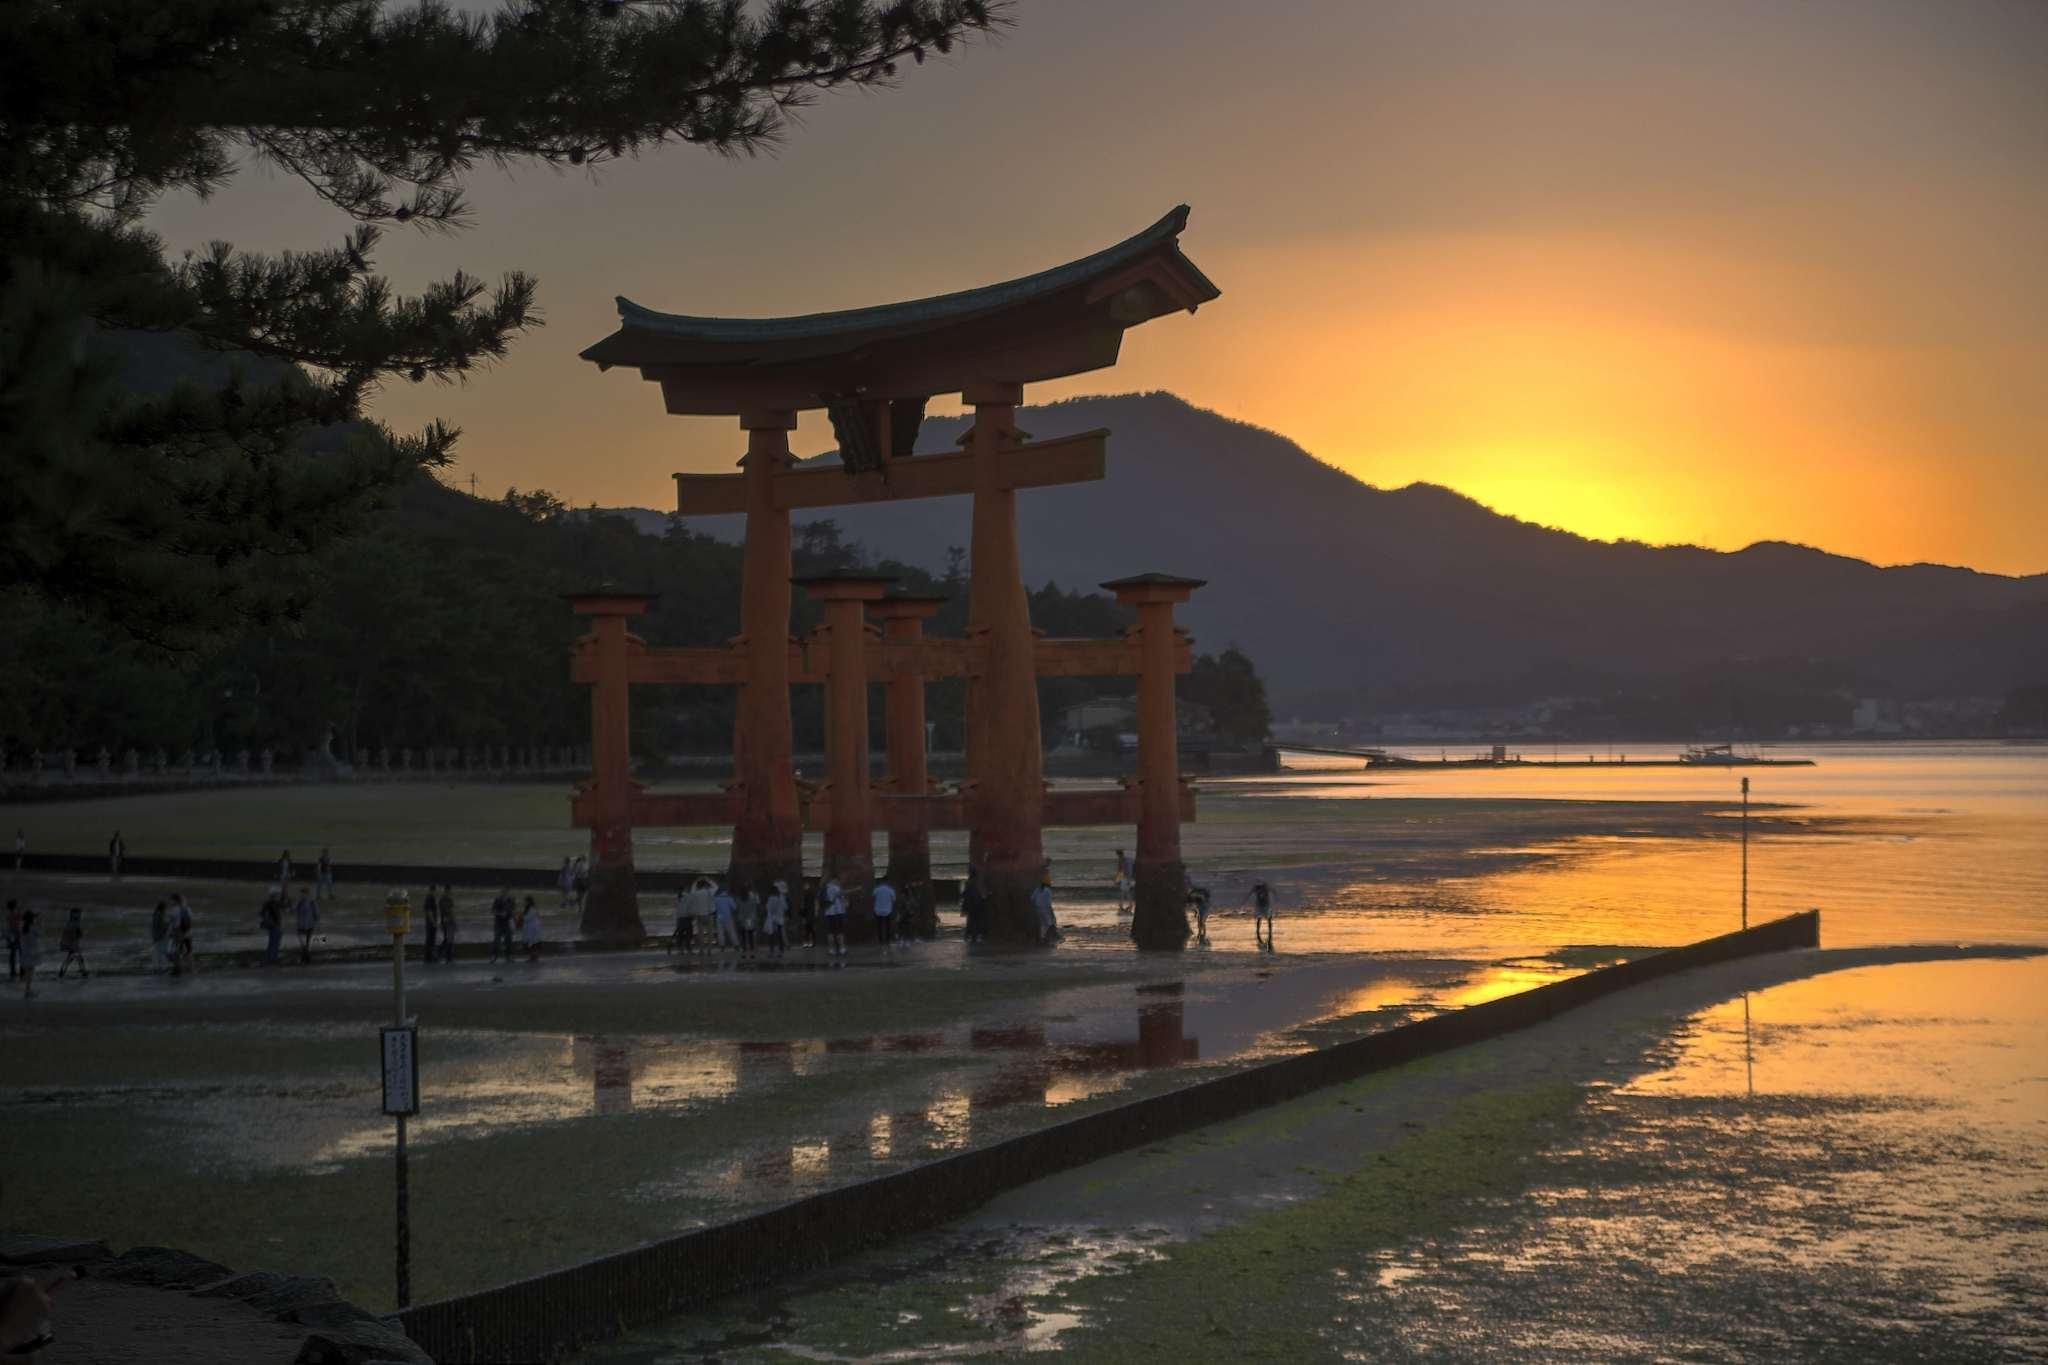 The Great Torii at sunset, Miyajima